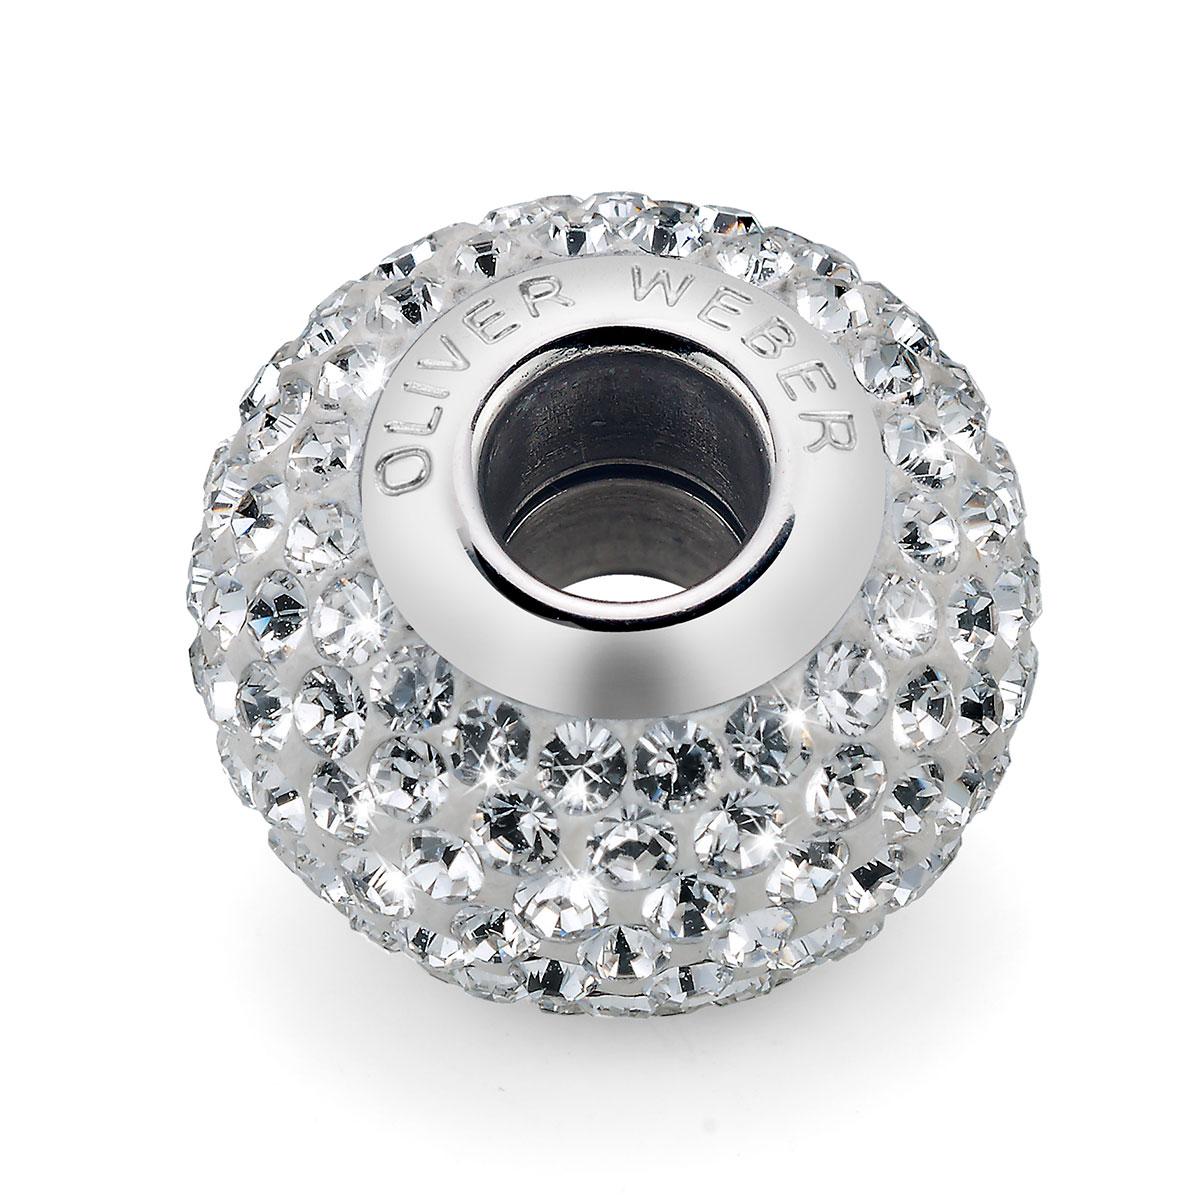 مهره دستبند استیل و کریستال مدل شاین سفید